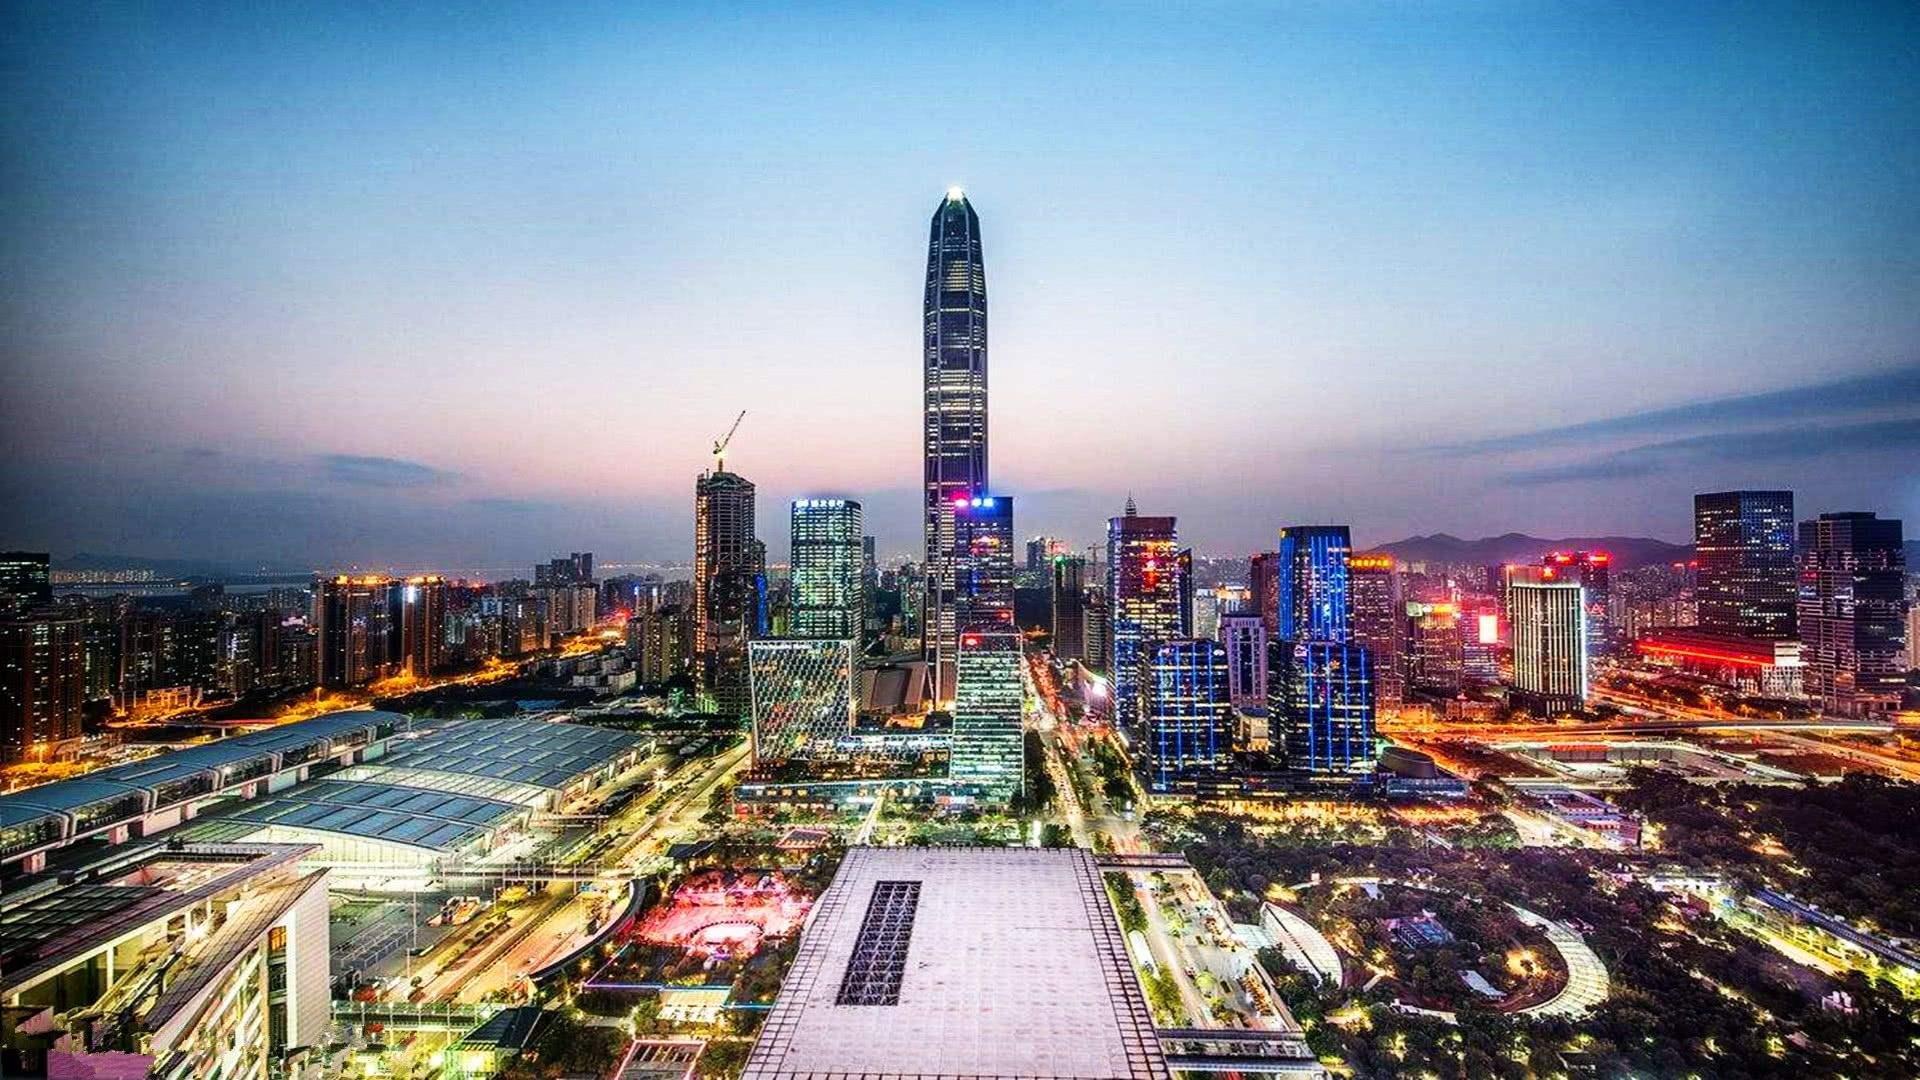 中國經濟贏得未來的關鍵:辦好自己的事